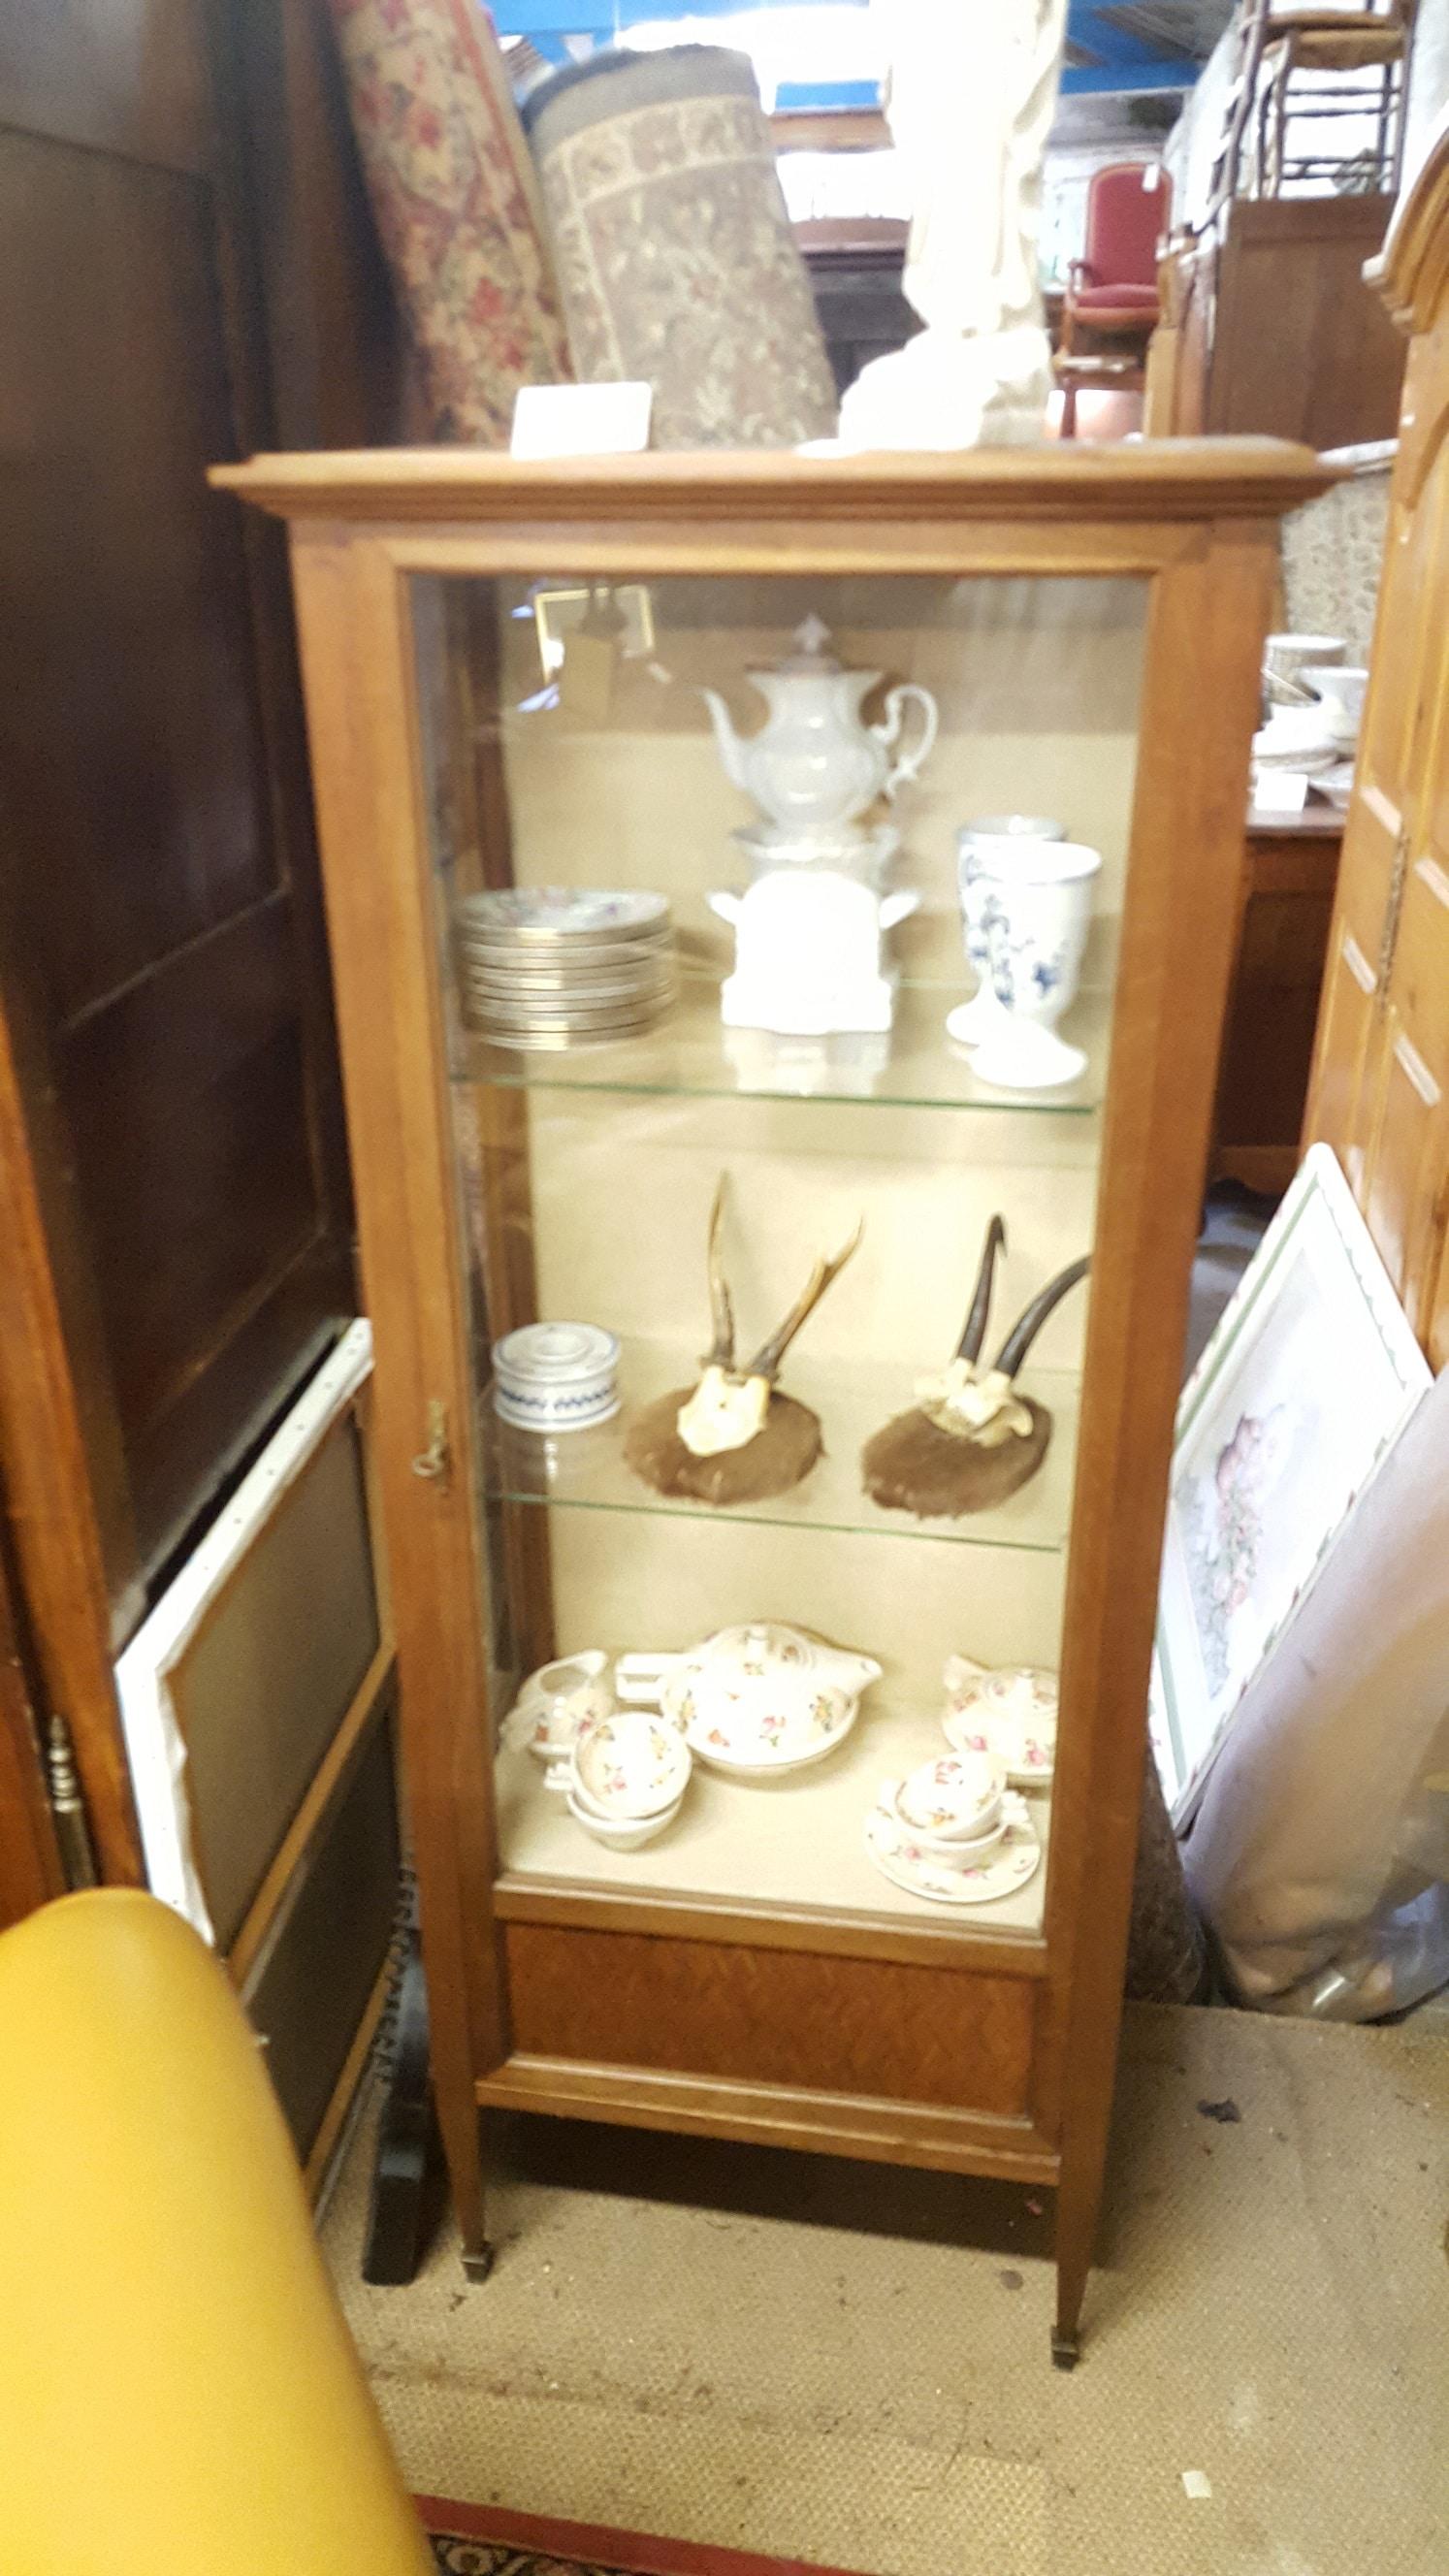 biblioth ques vitrines archives page 2 sur 3 la cal che caennaise caen normandie la. Black Bedroom Furniture Sets. Home Design Ideas